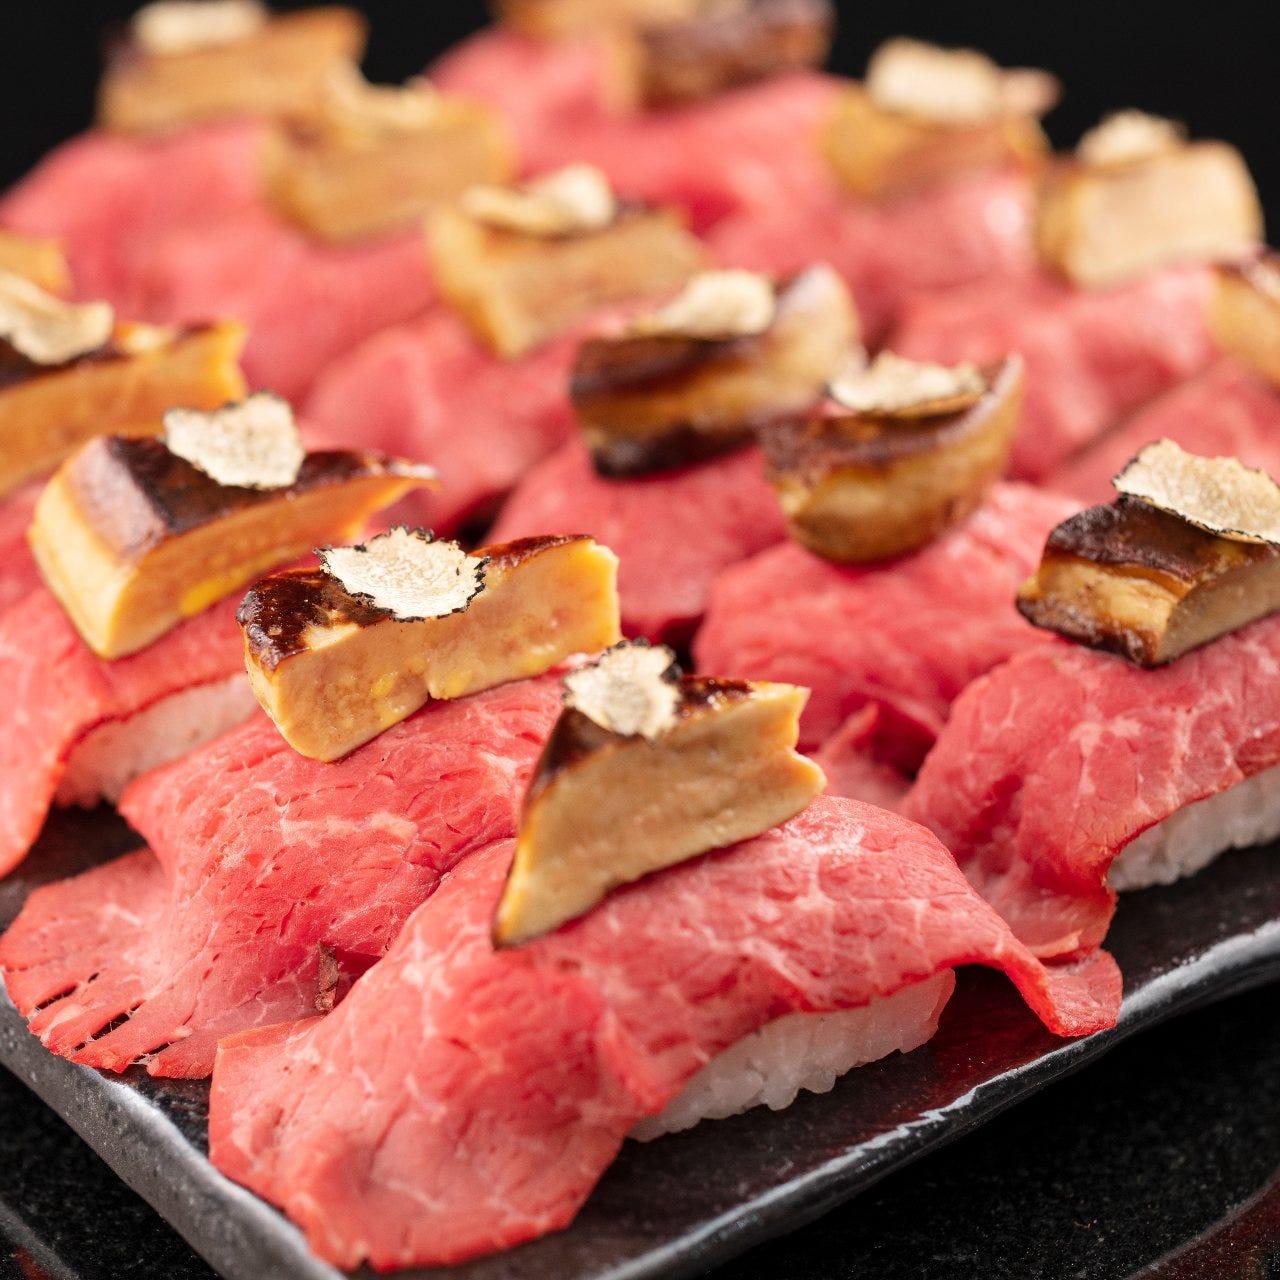 豪華食材を贅沢に使用したフォアグラ&トリュフ肉寿司が食べ放題